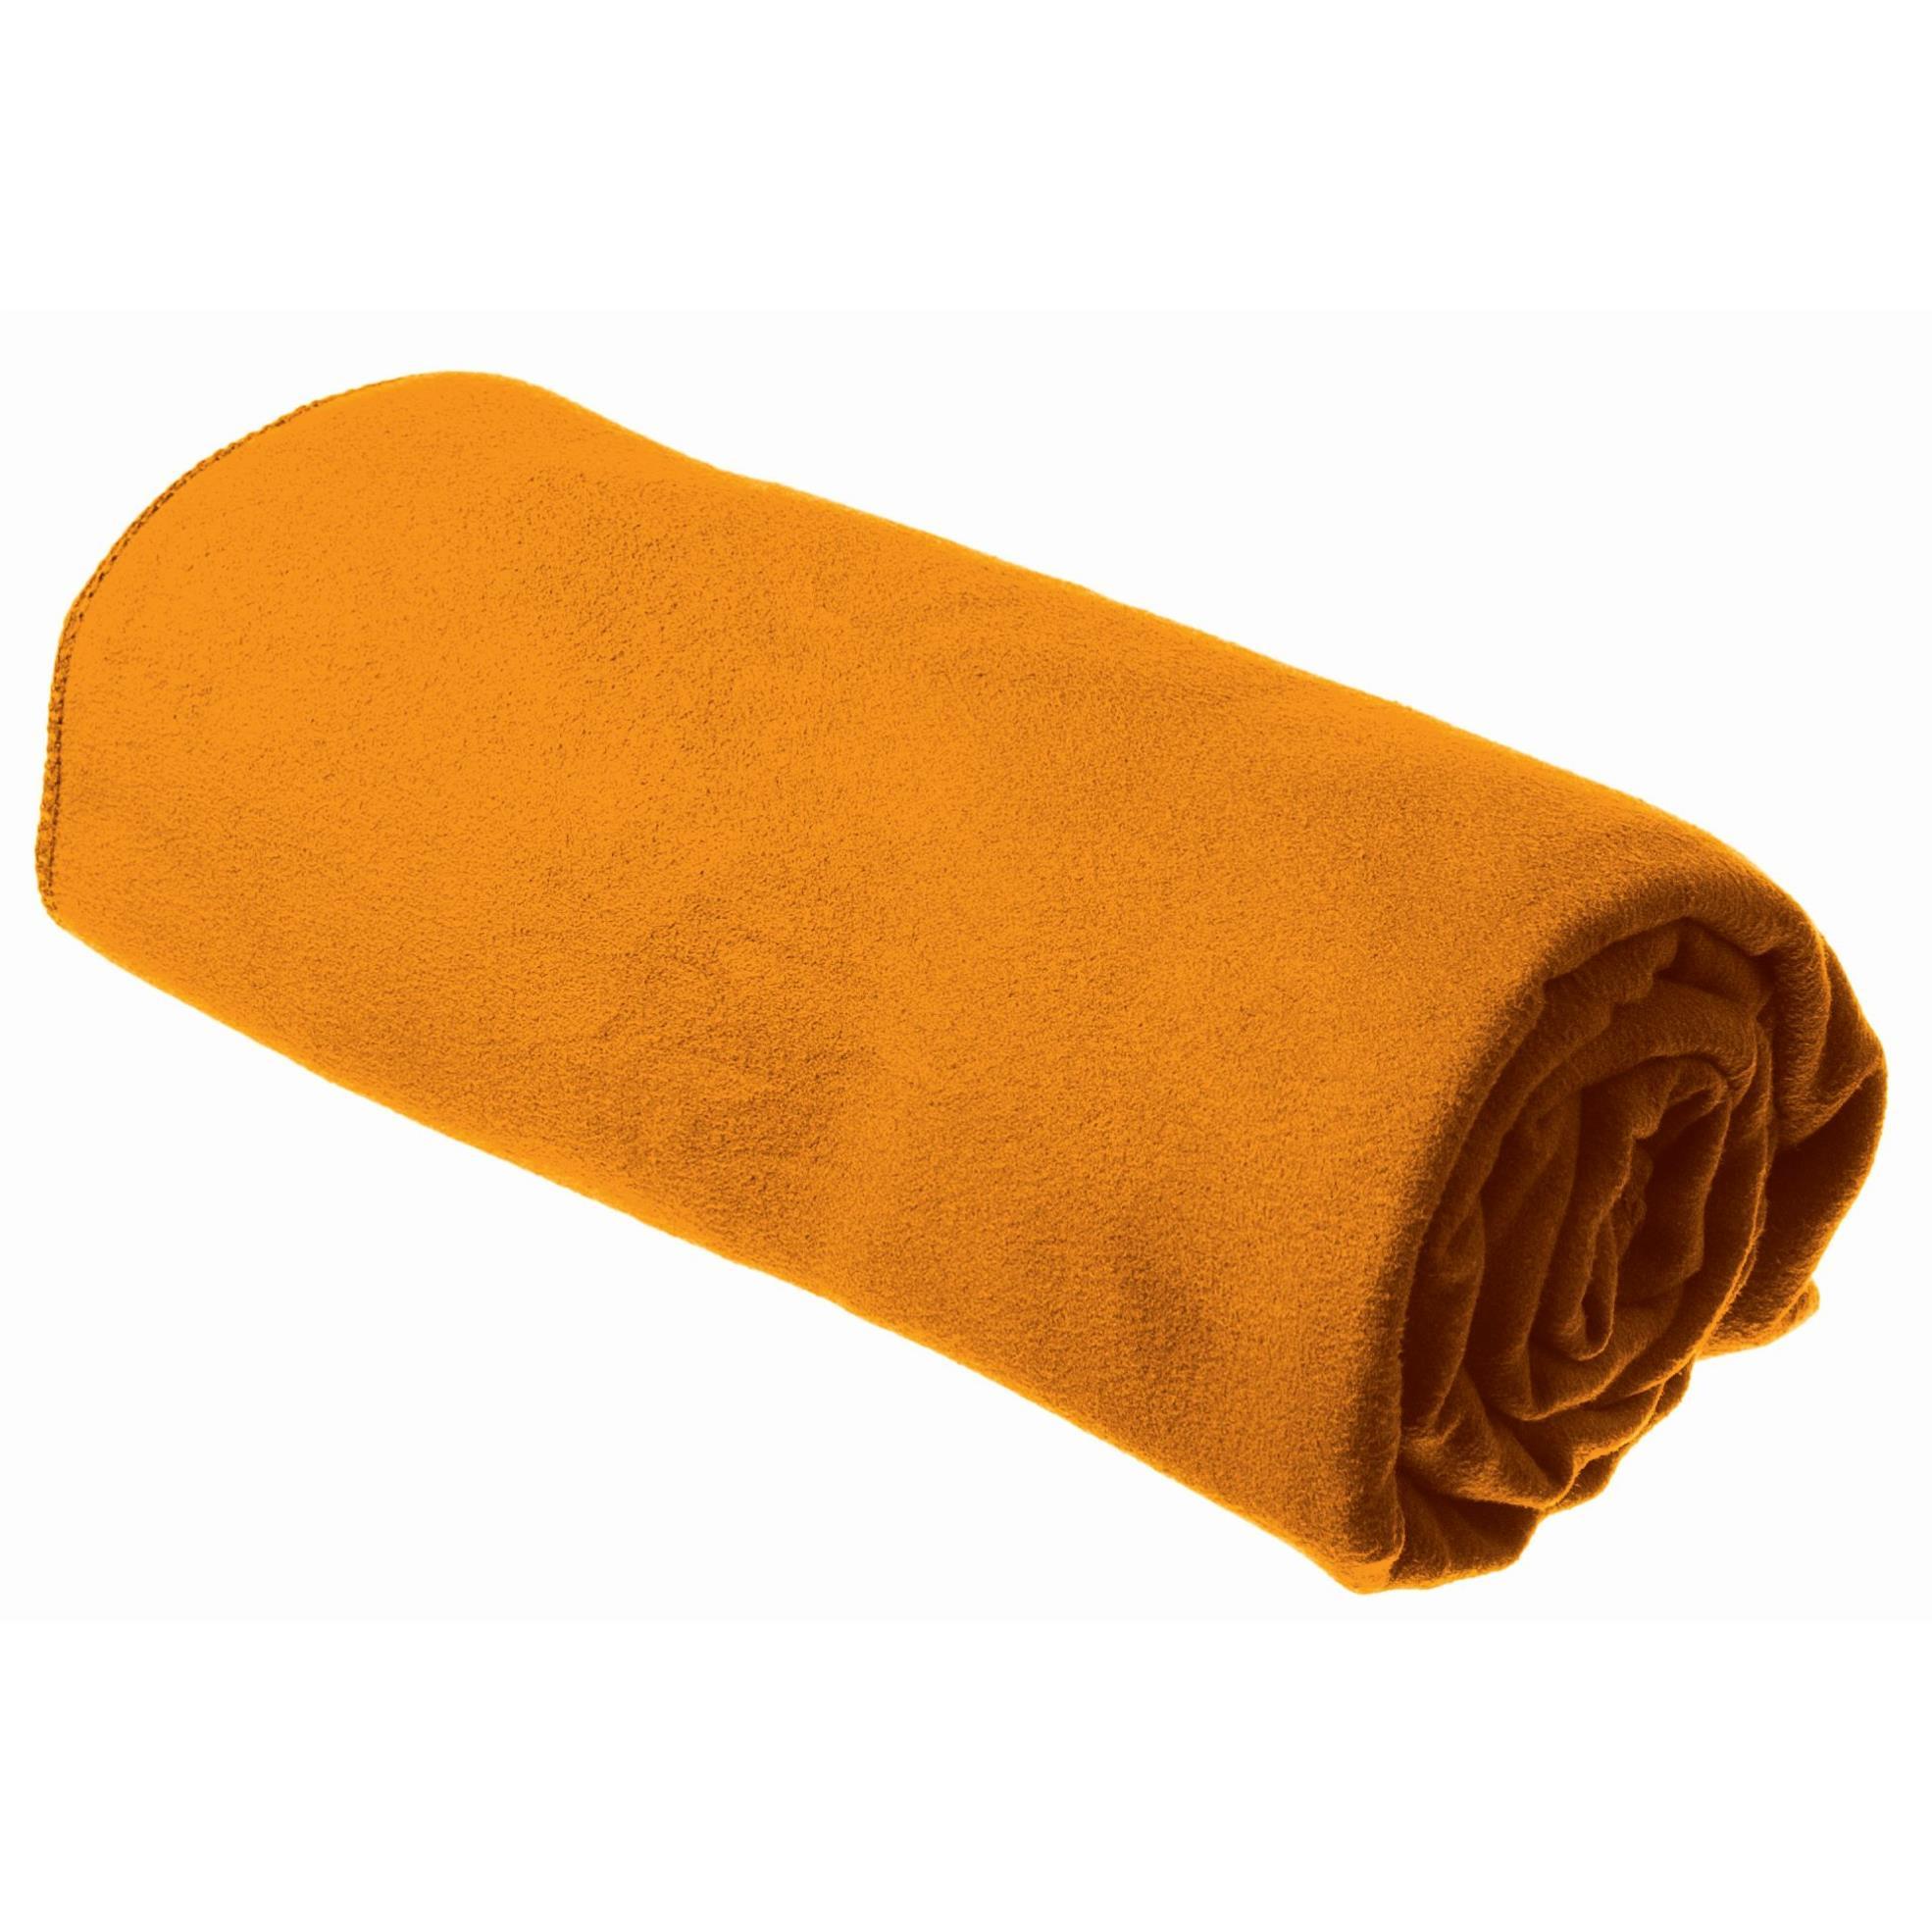 sea to summit Drylite Towel L Reisehandtuch orange jetztbilligerkaufen